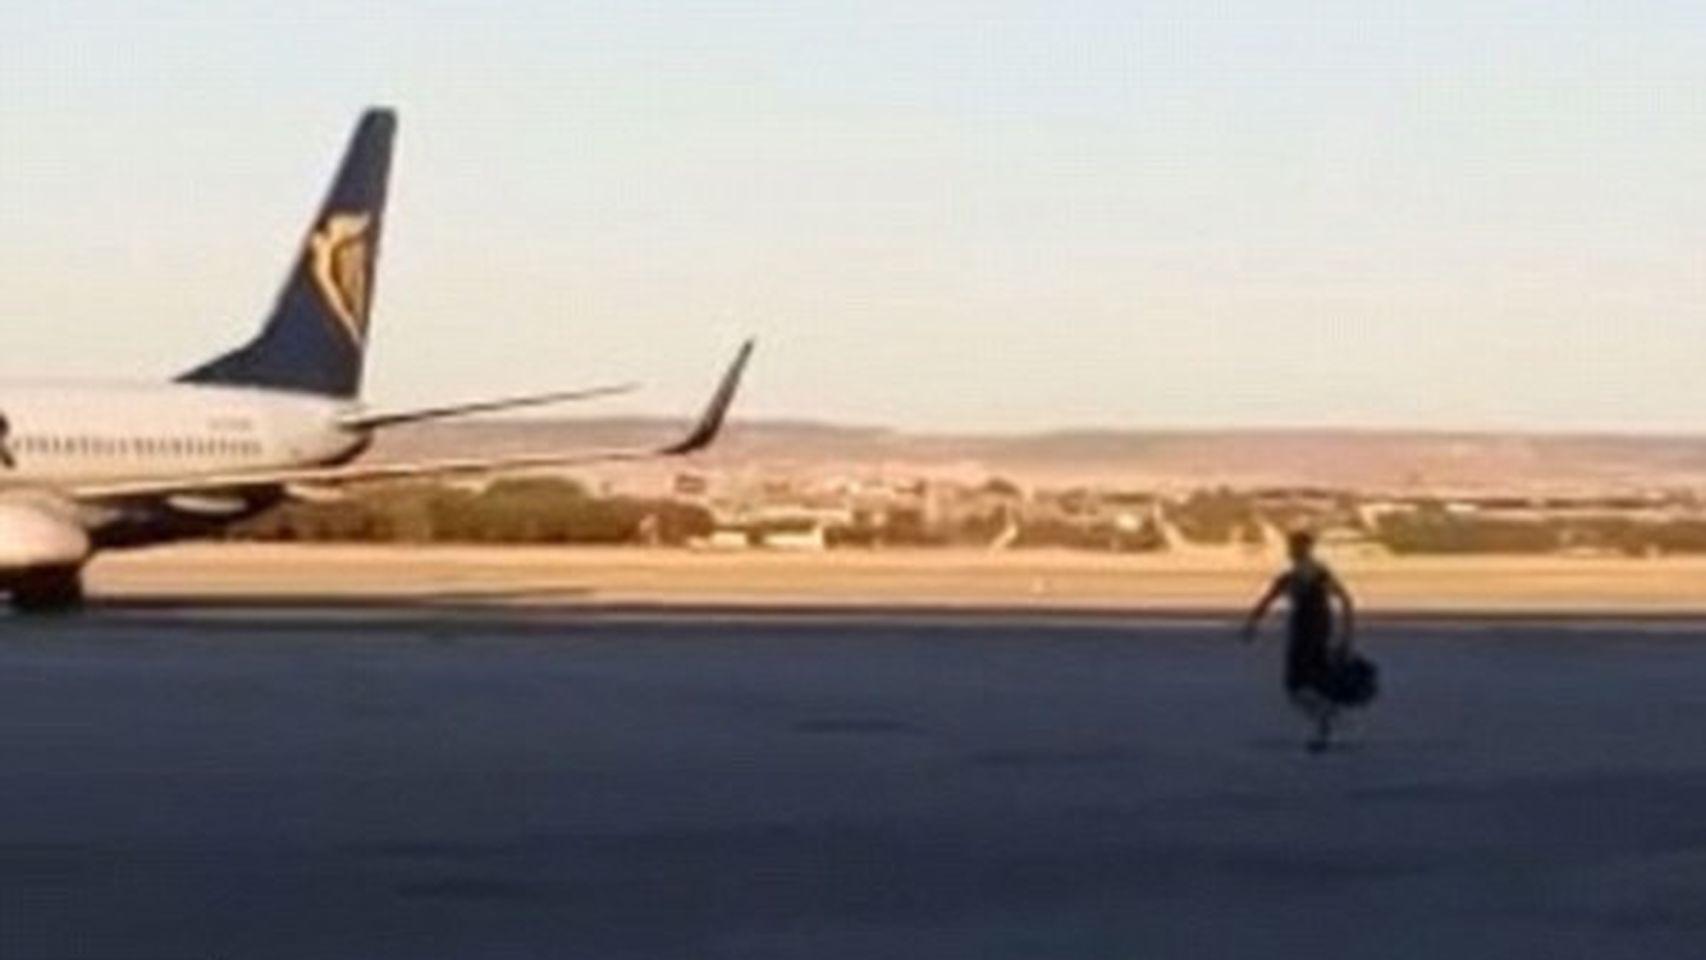 Video completo del pasajero saltando a la pista del aeropuerto